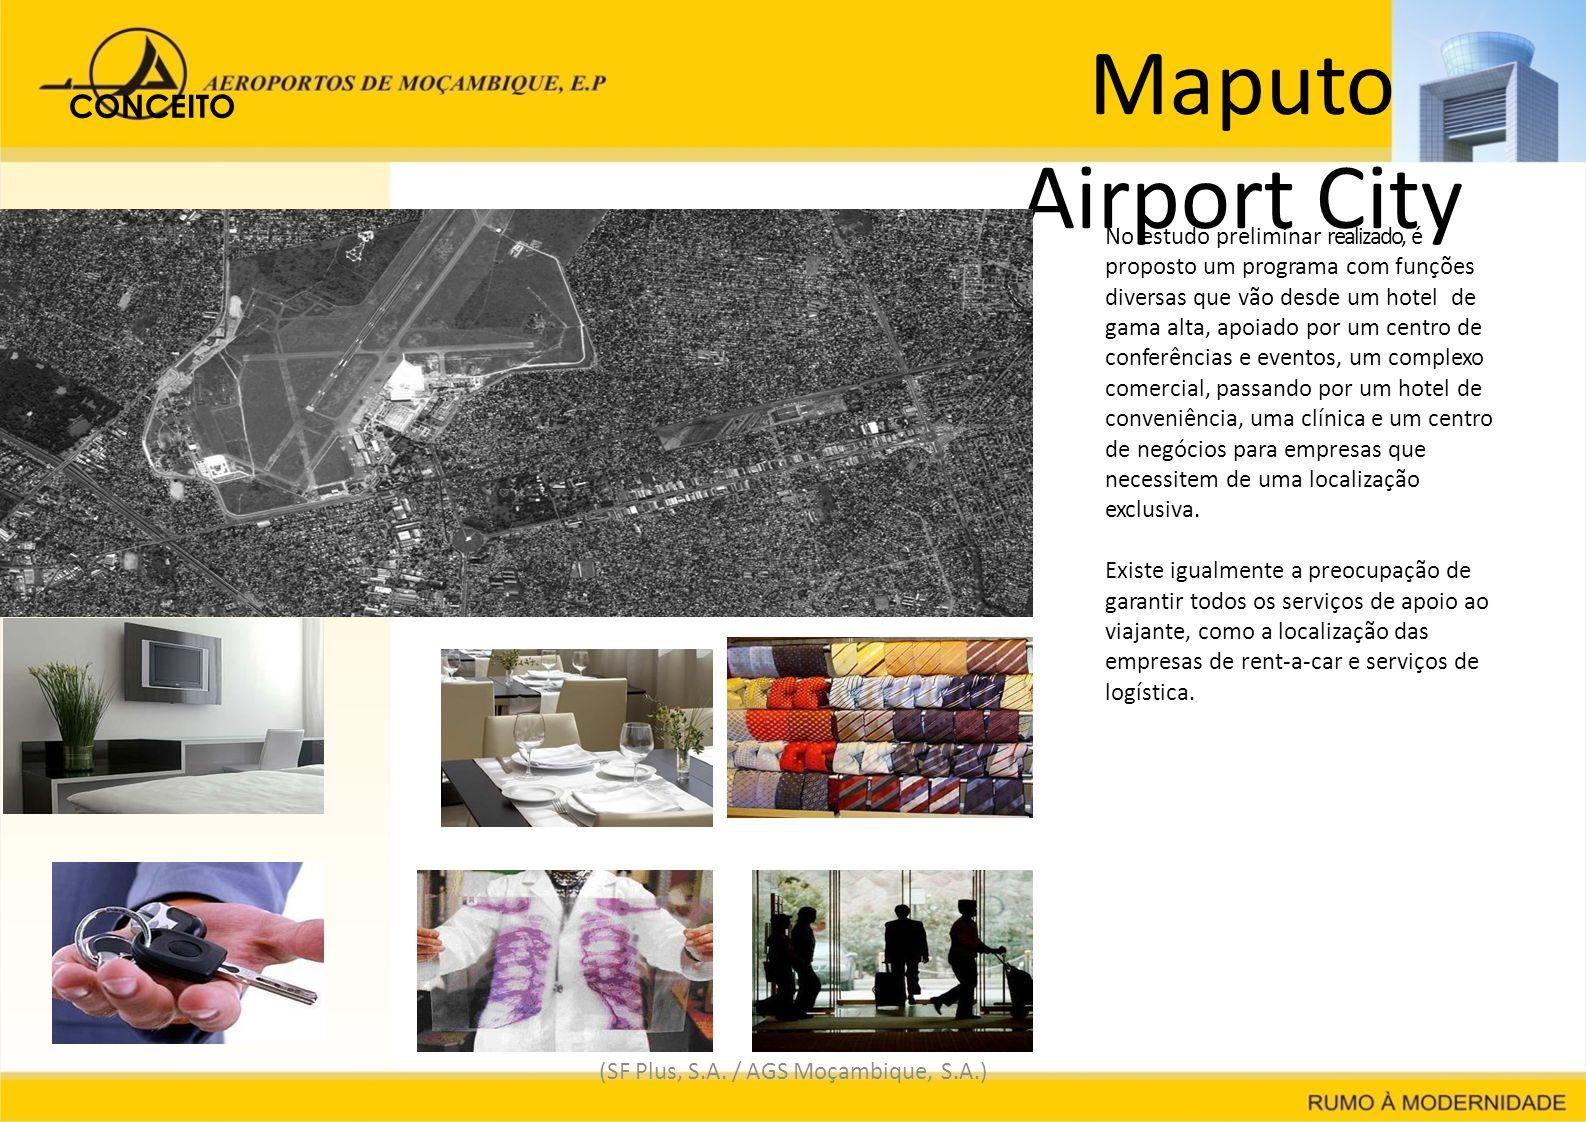 Maputo Airport City (SF Plus, S.A. / AGS Moçambique, S.A.) CONCEITO No estudo preliminar realizado, é proposto um programa com funções diversas que vã